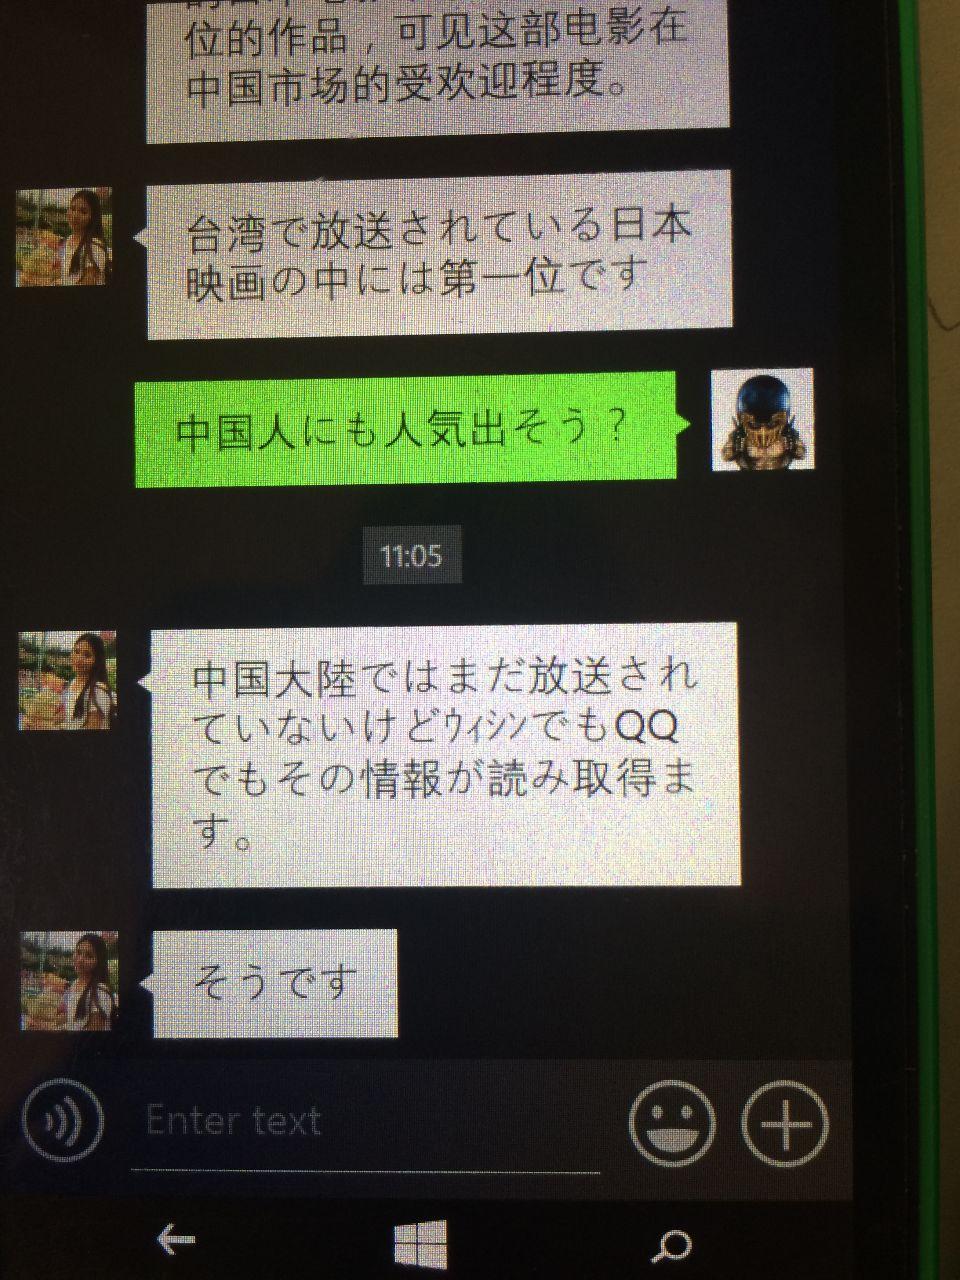 8518 - 日本アジア投資(株) こんばんわ 上海在住です。 昨日も張りましたが、通訳の子に君の名はの中国での前評判を聞きました。 台